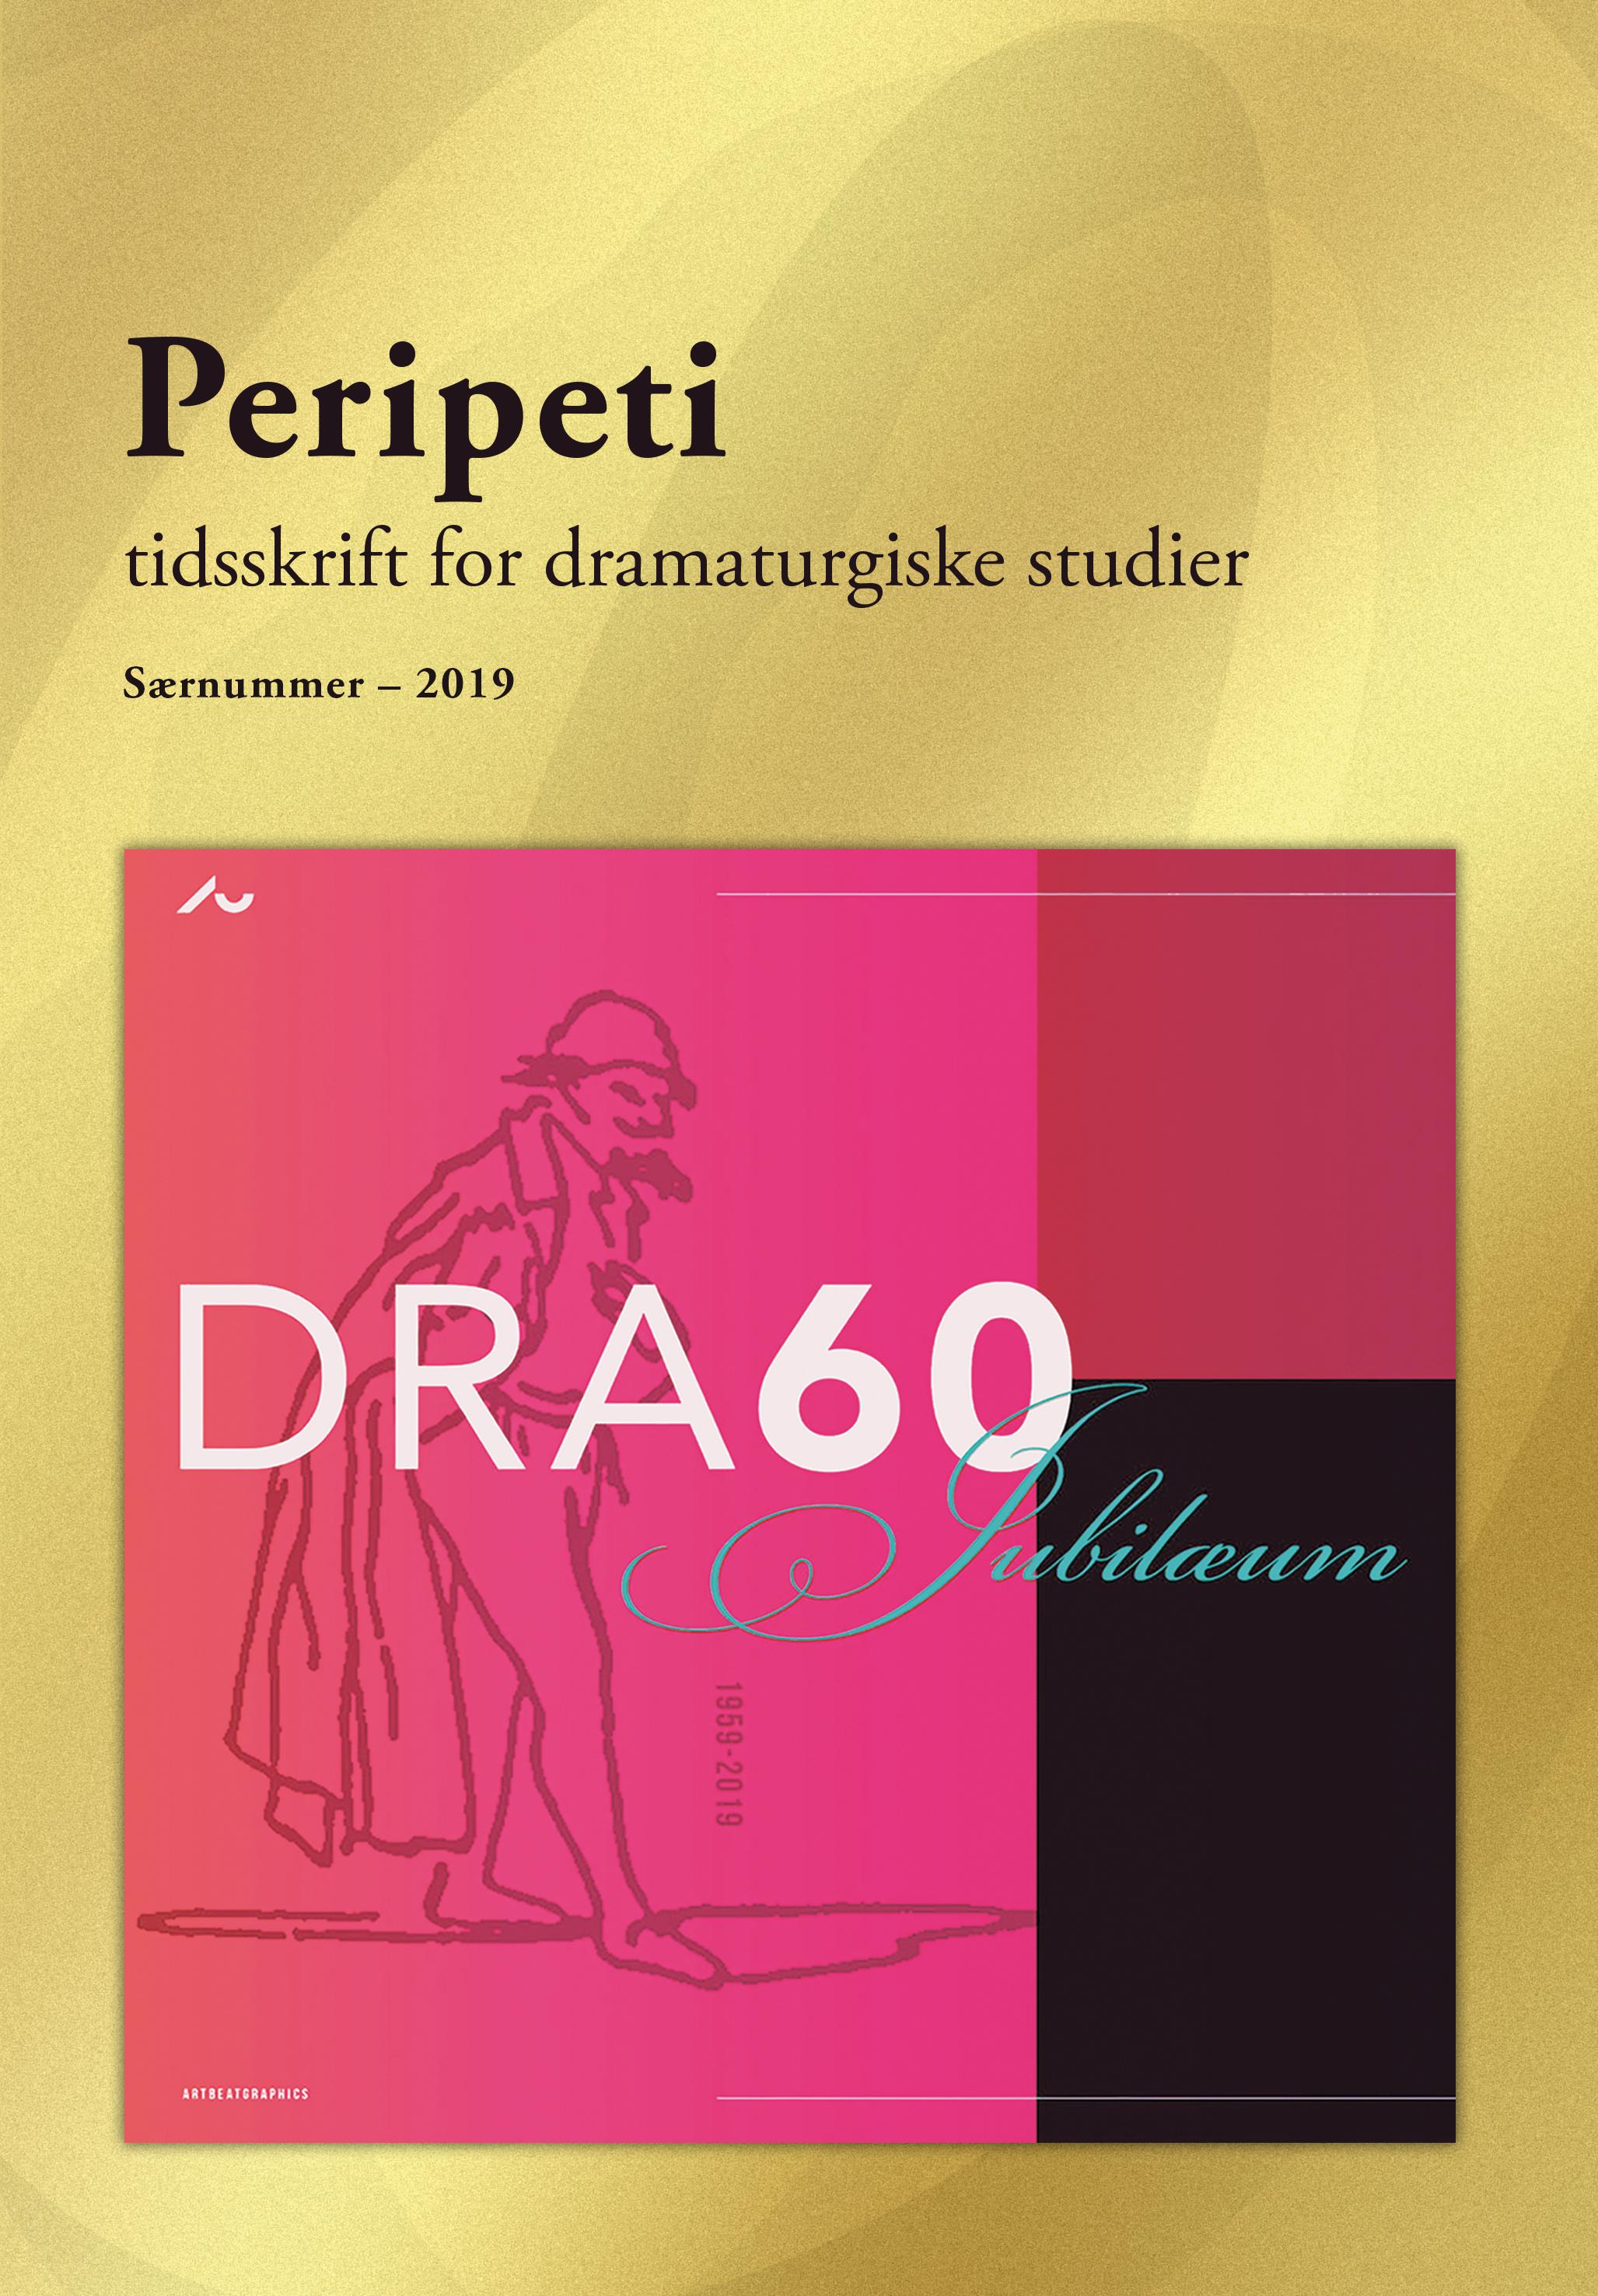 Se Årg. 16 Nr. Særnummer (2019): DRA60 Jubilæum